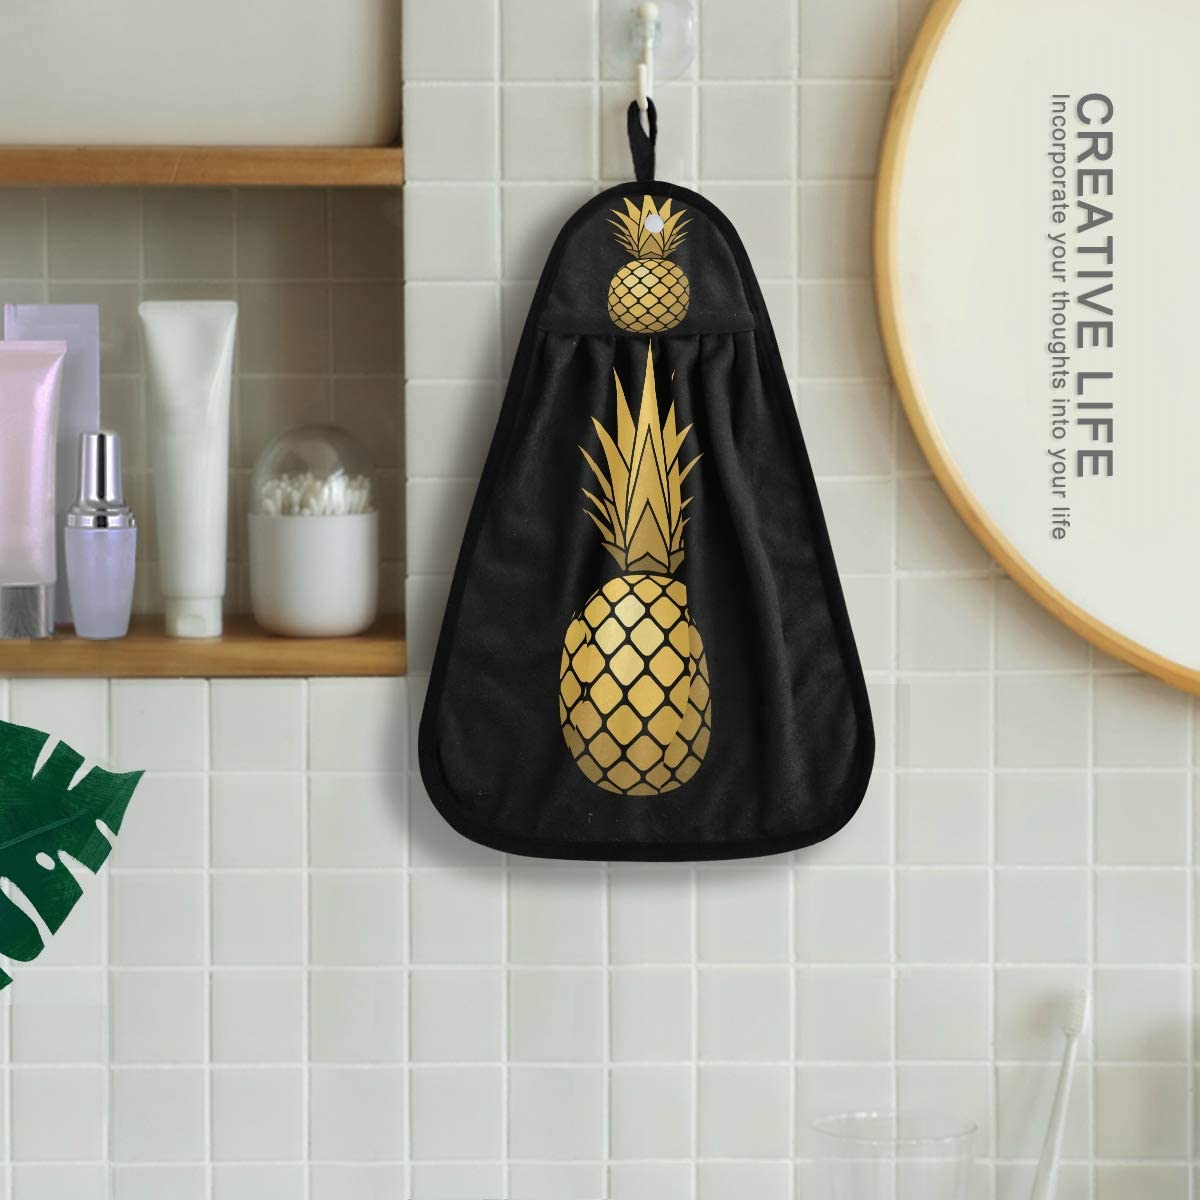 Linomo Essuie-mains /à suspendre Motif ananas Dor/é Absorbant S/échage rapide Torchon /à vaisselle pour cuisine salle de bain salon D/écor